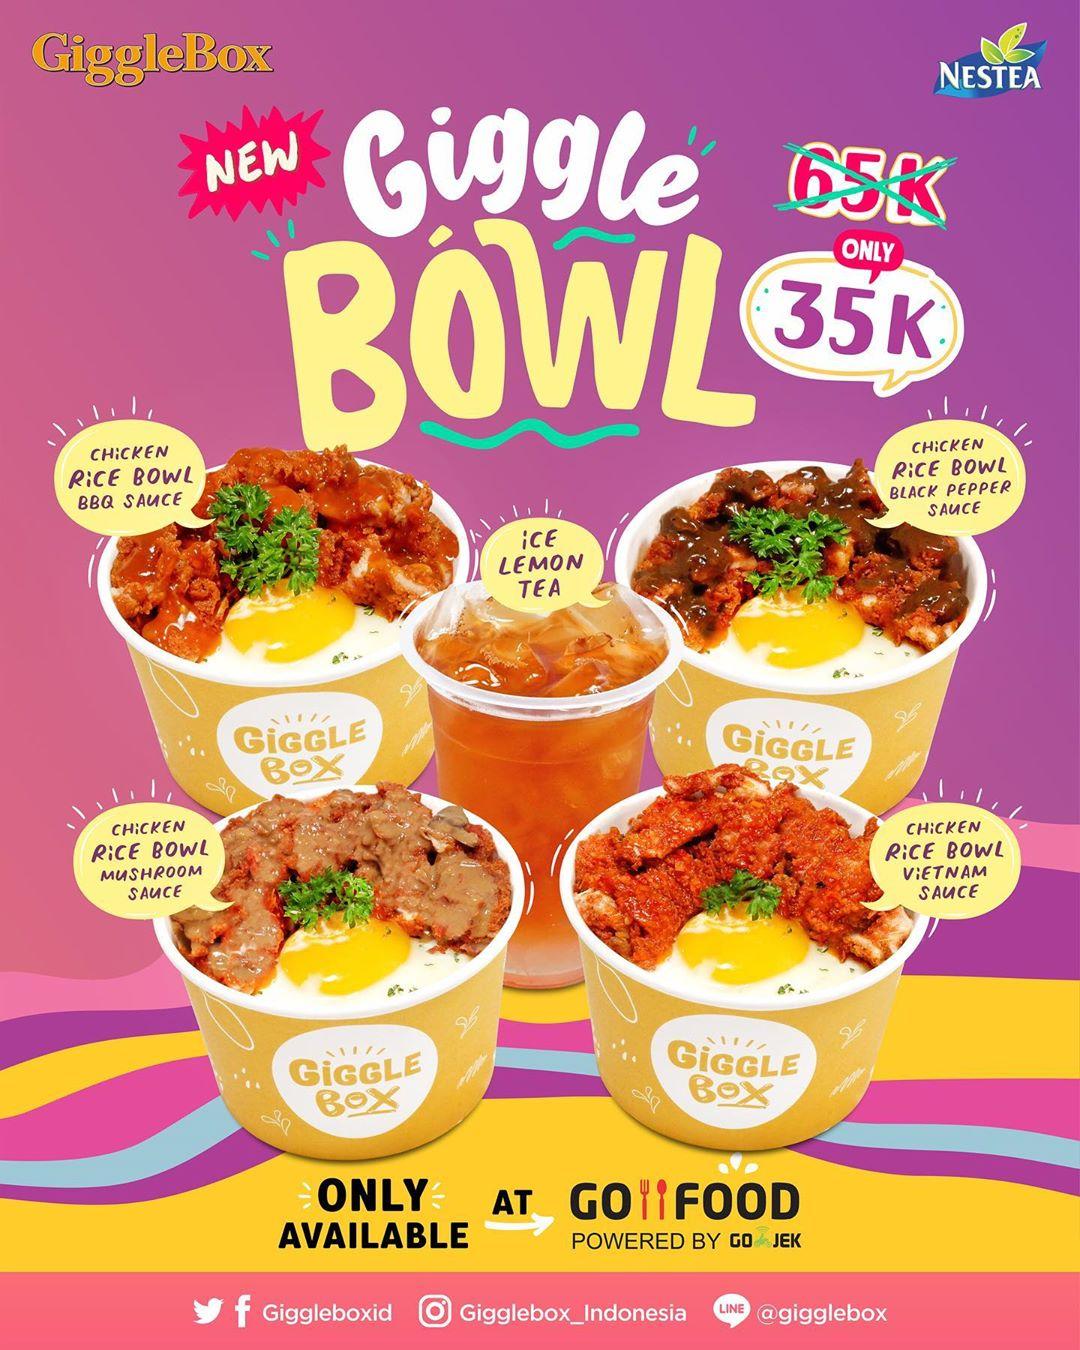 Diskon Giggle Box New GiggleBowlz Harga Spesial Rp. 35.000 via GOFOOD